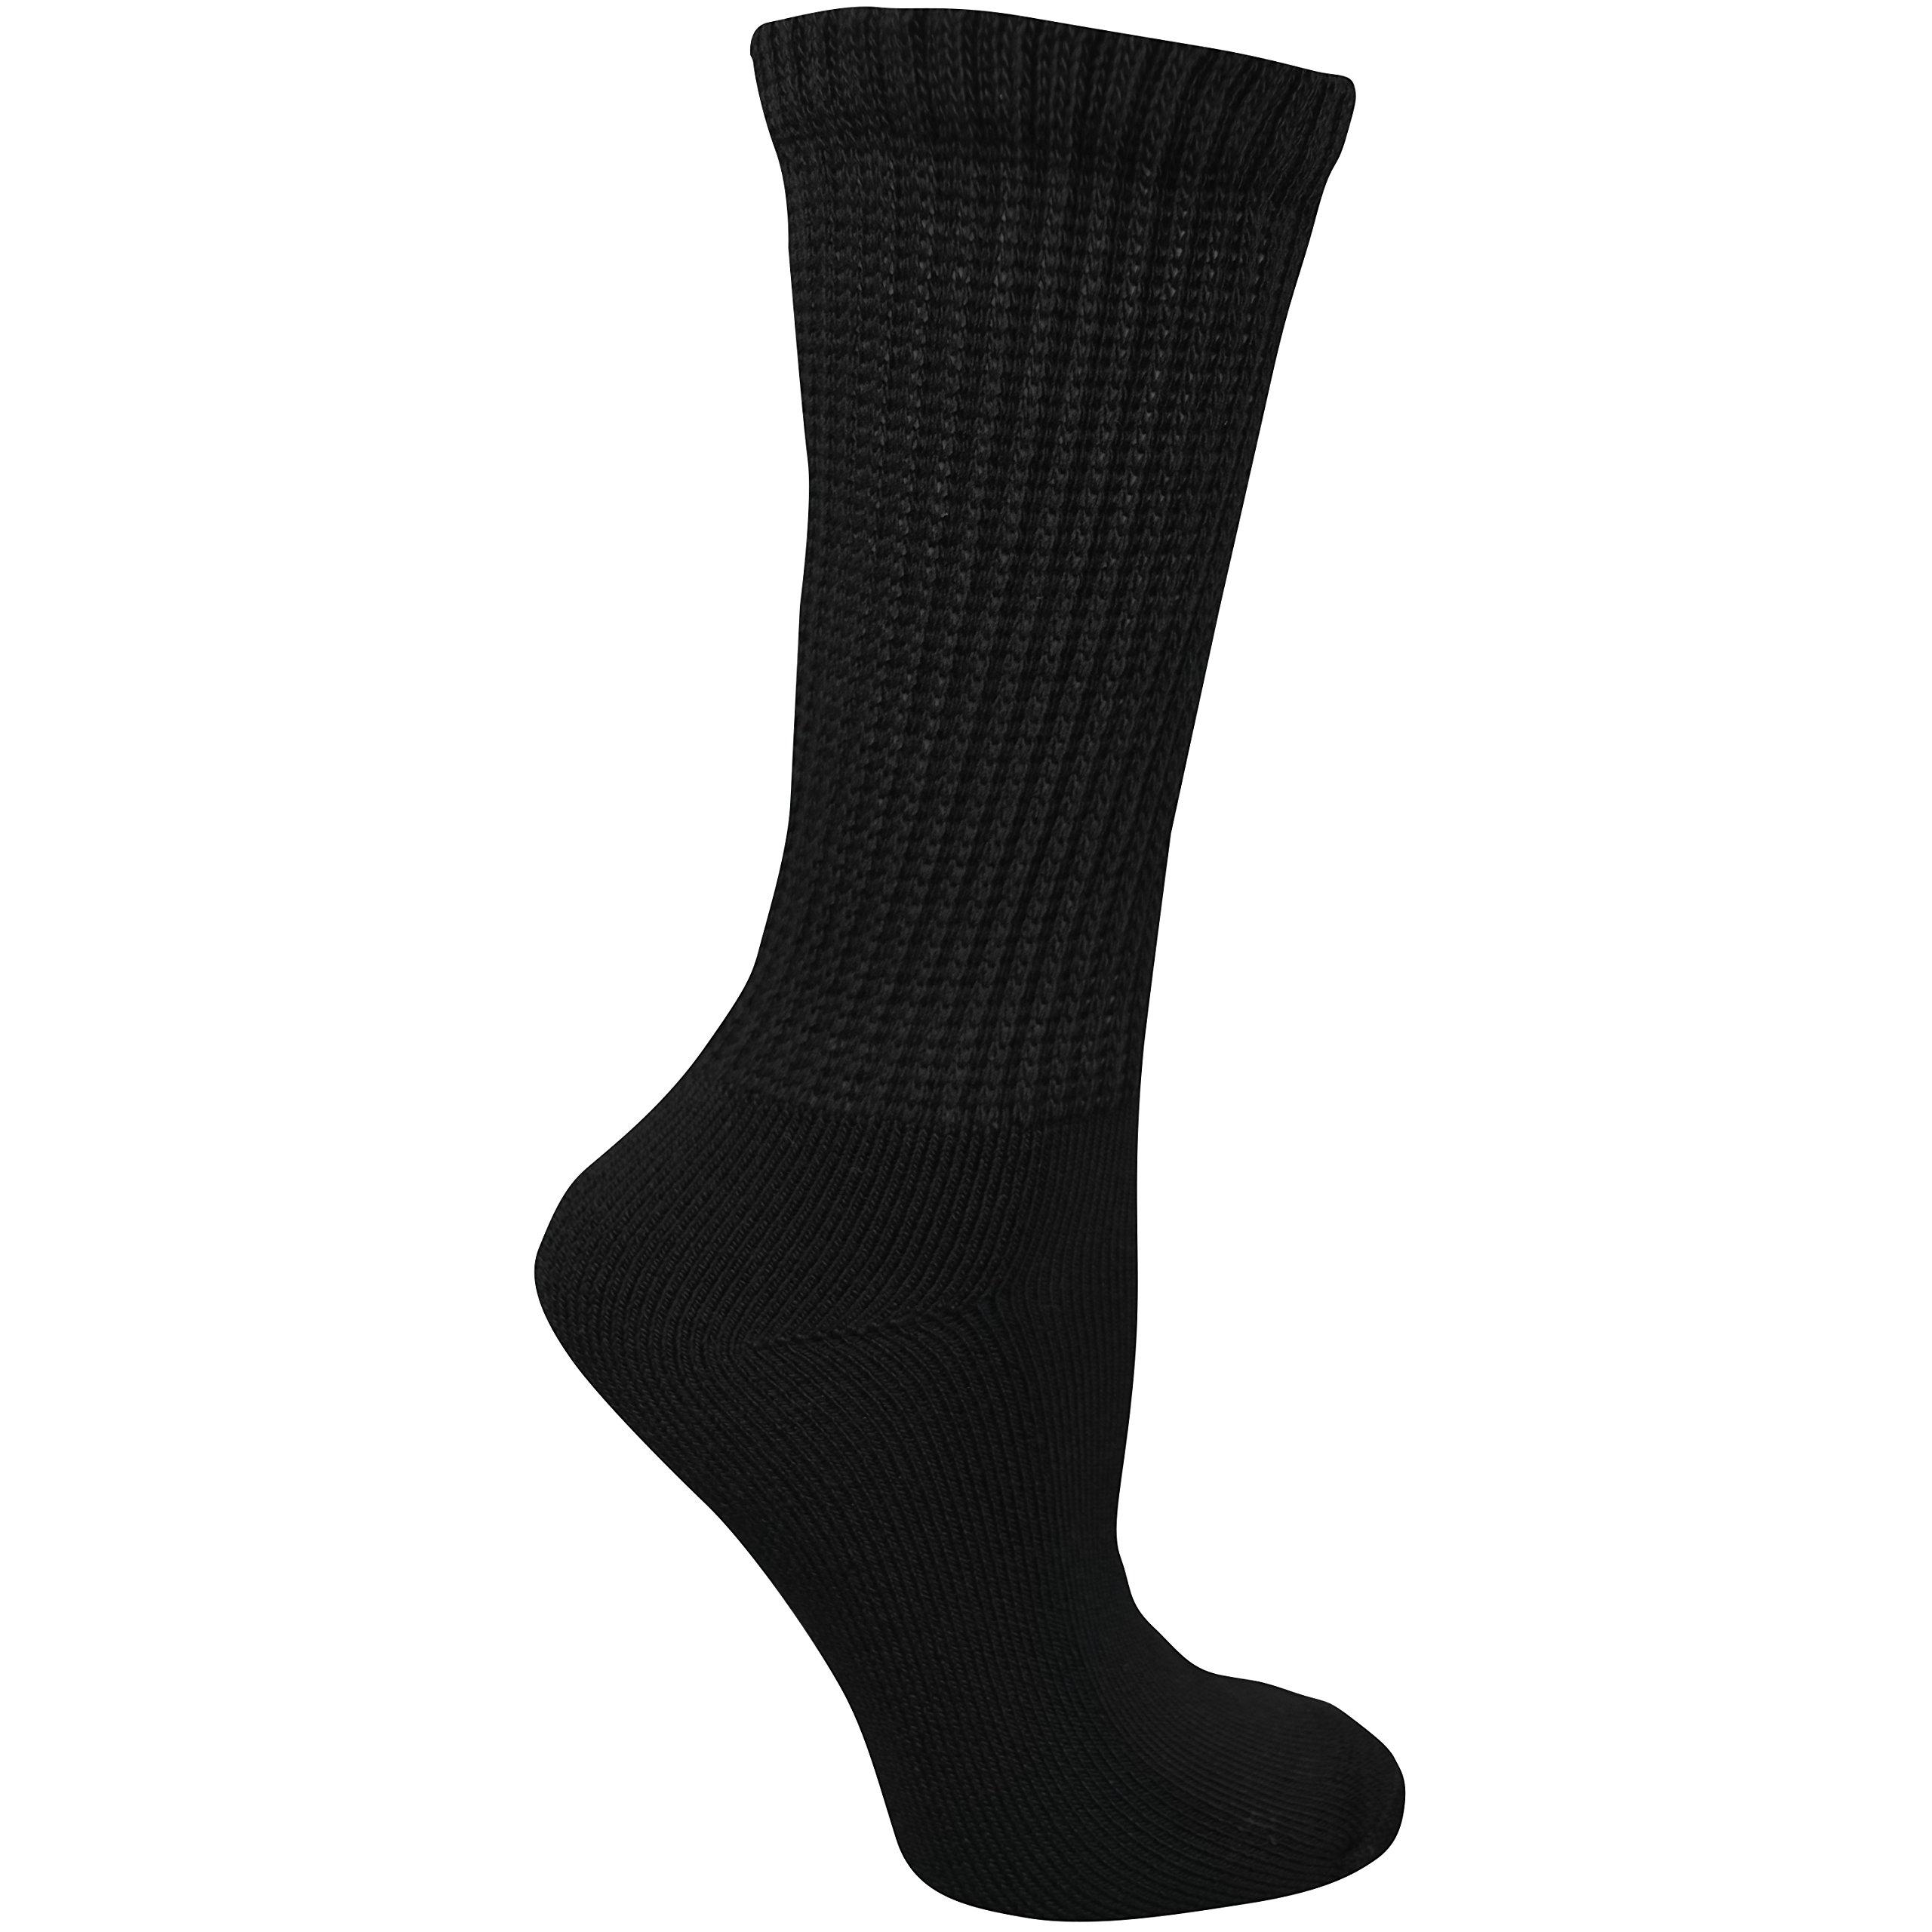 Dr. Scholl's Women's Guaranteed Comfort Diabetic and Circulatory crew 4 Pack Socks ,Black, 4-10